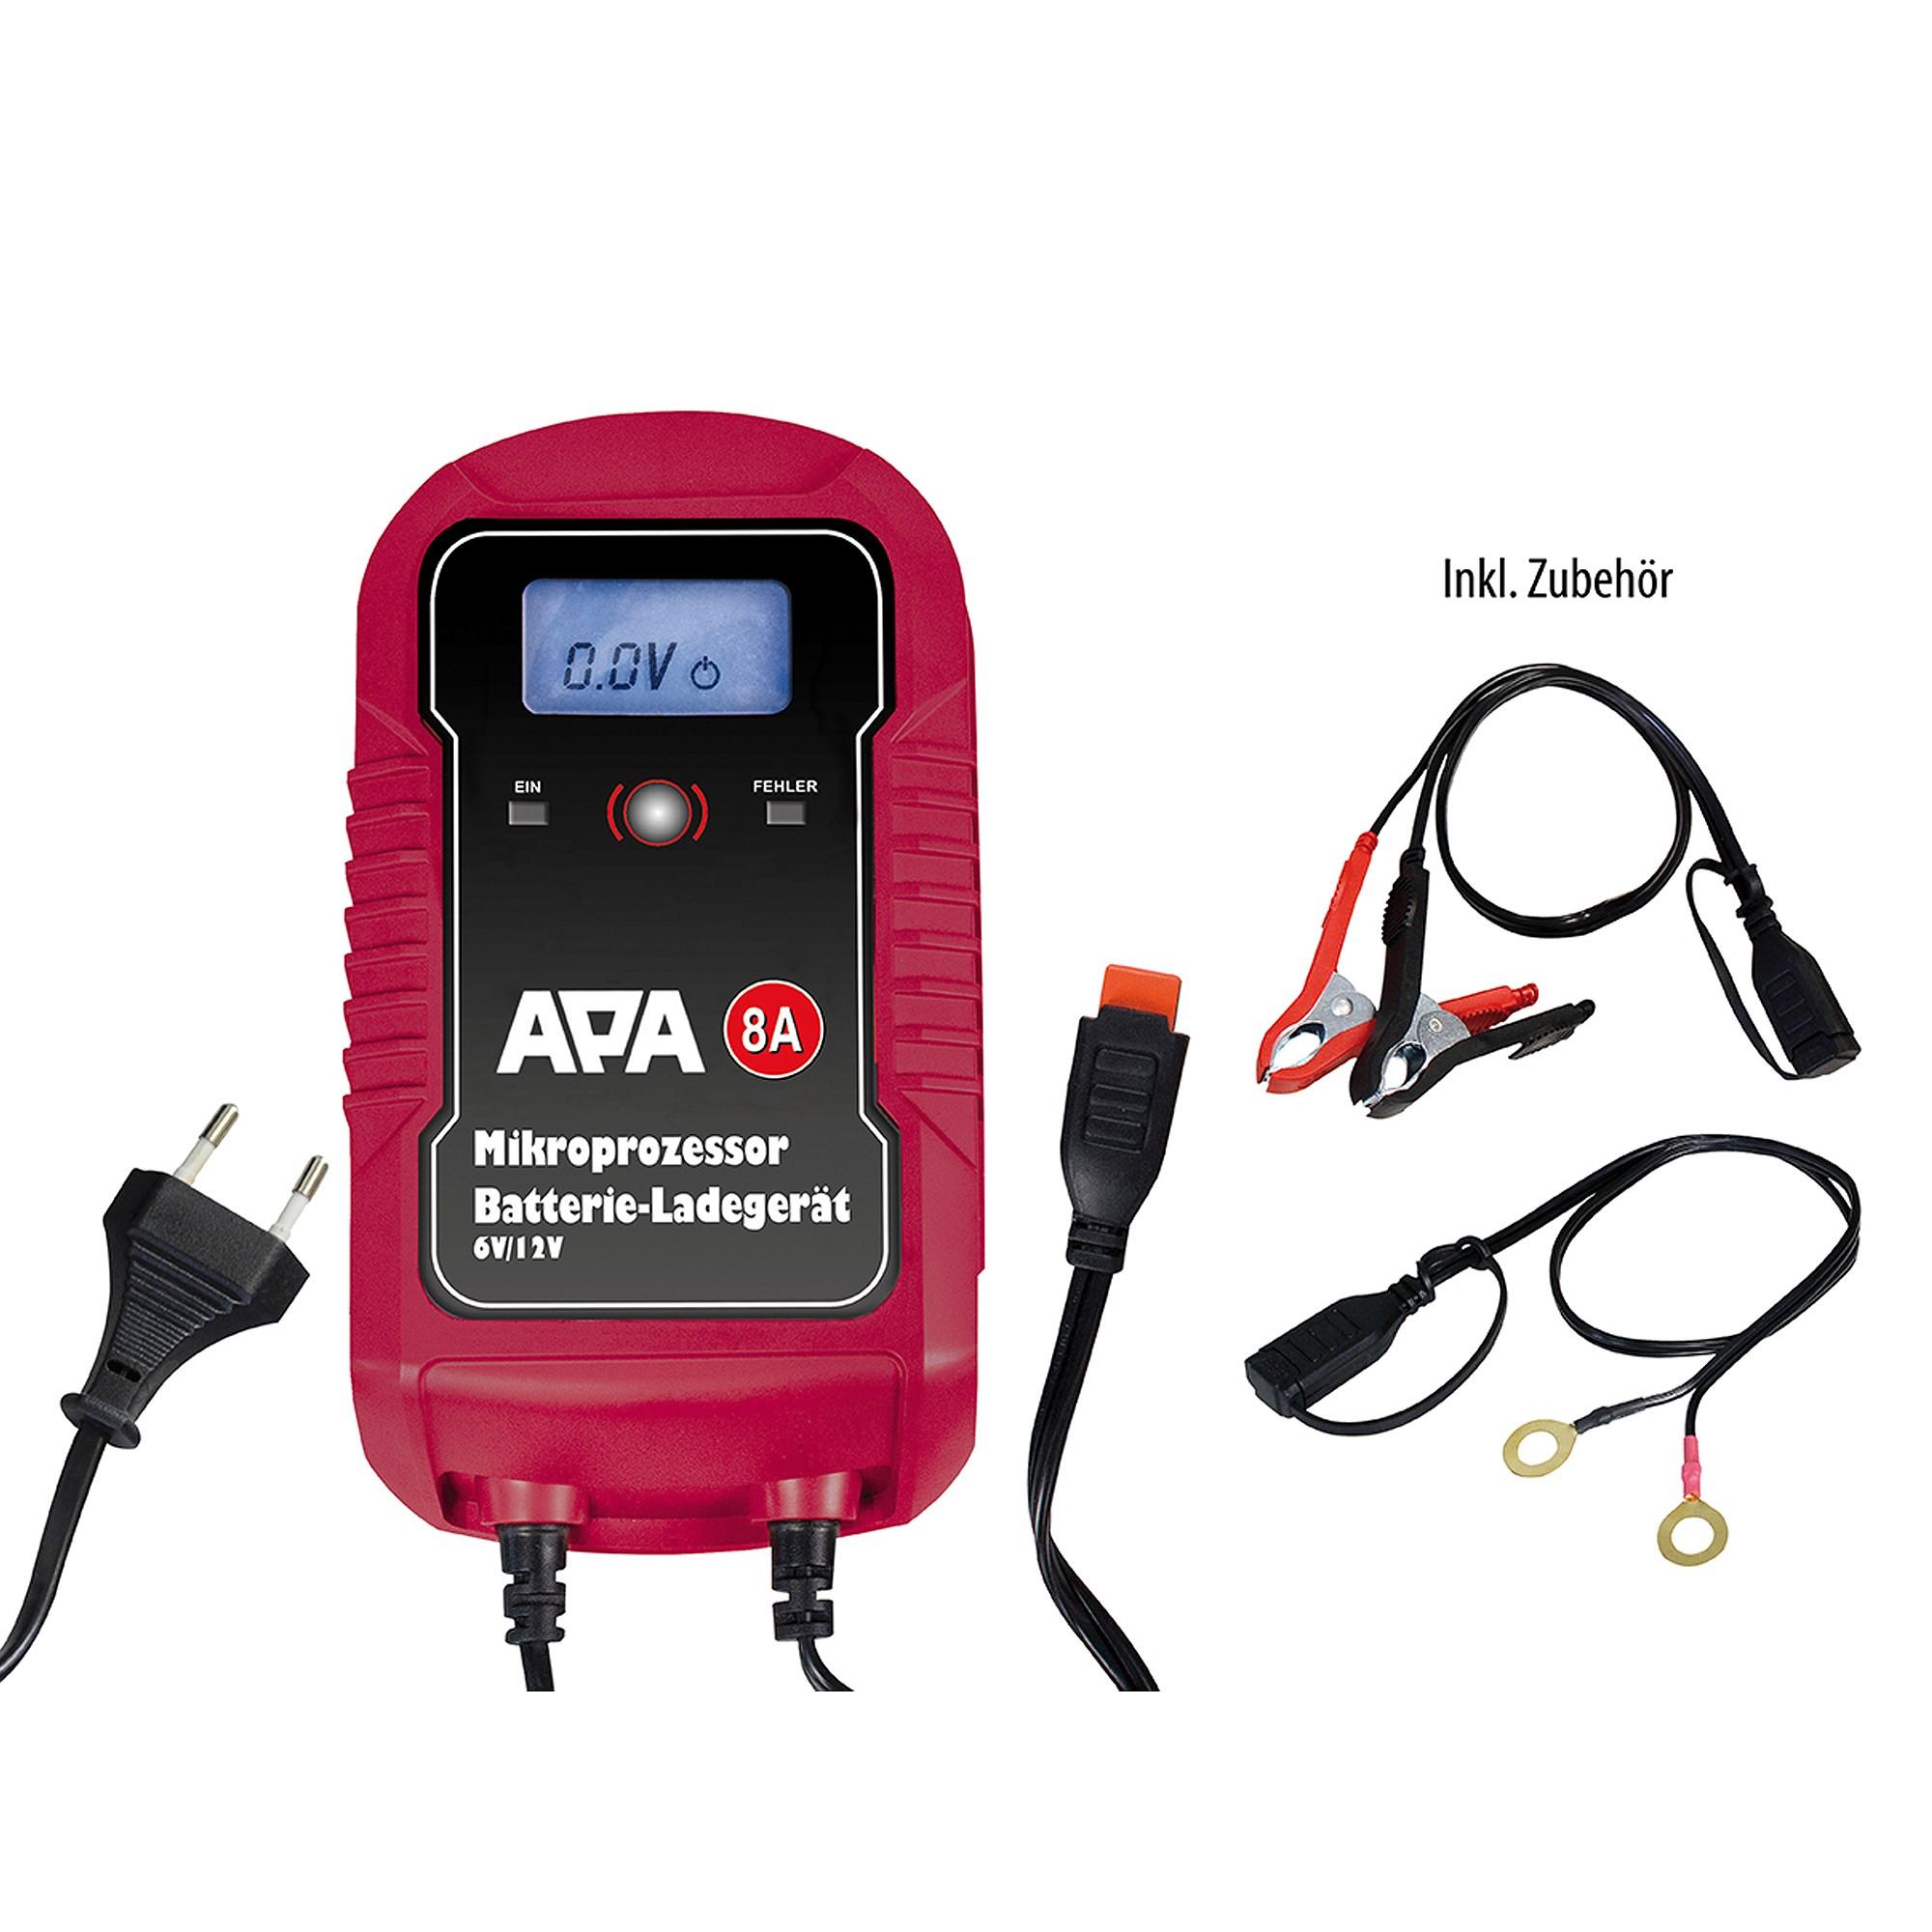 APA Mikroprozessor Batterie Ladegerät 612V 8A